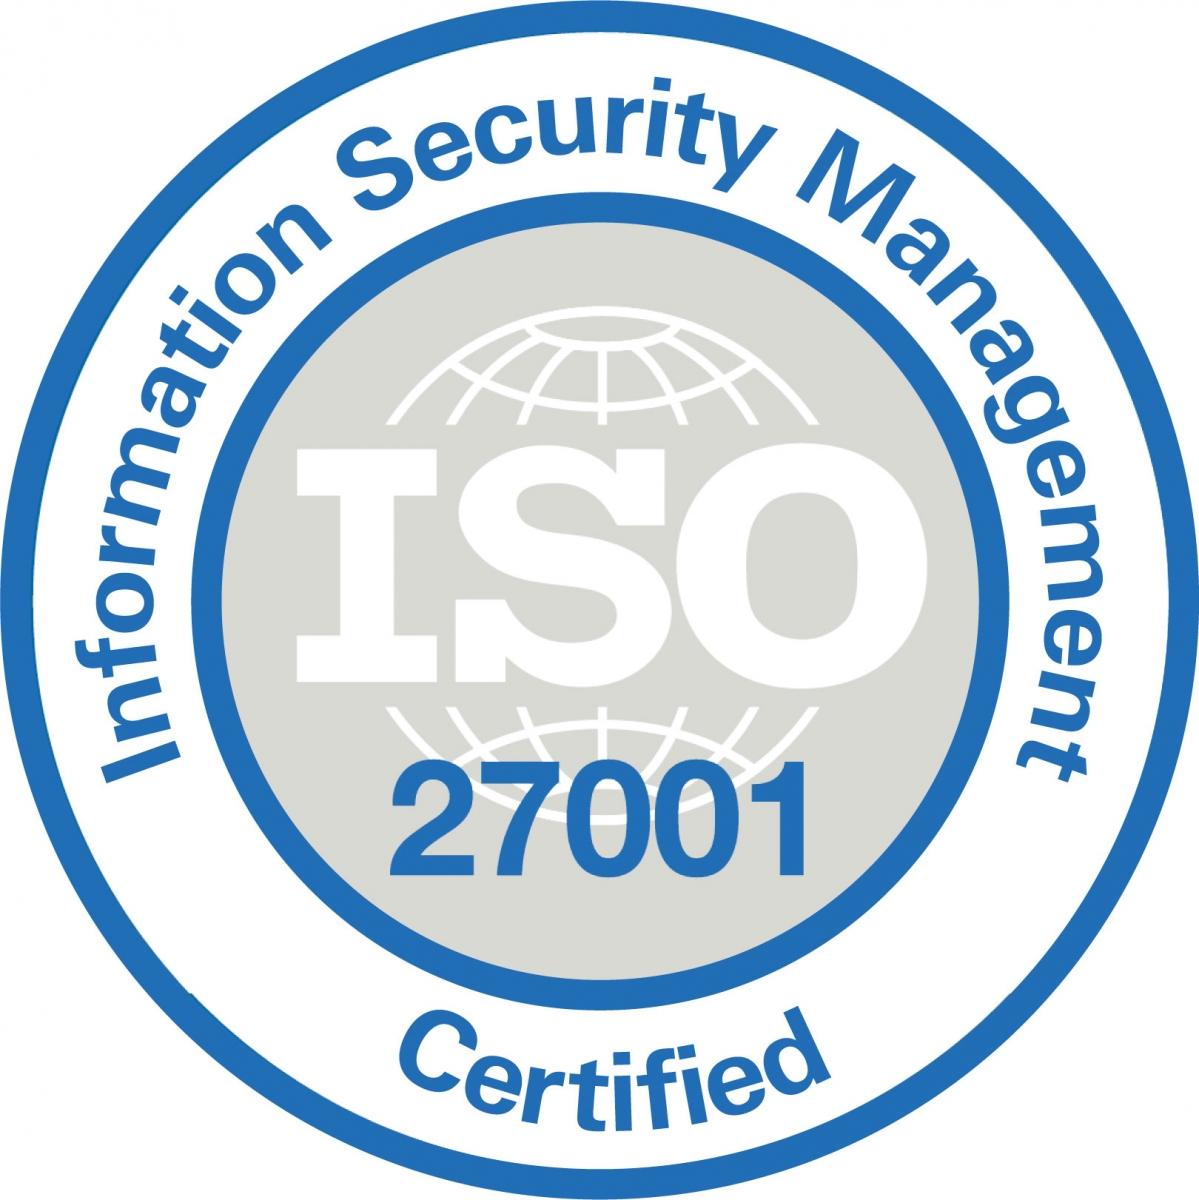 Получить сертификат ISO (ИСО) 27001 в Ростове-на-Дону